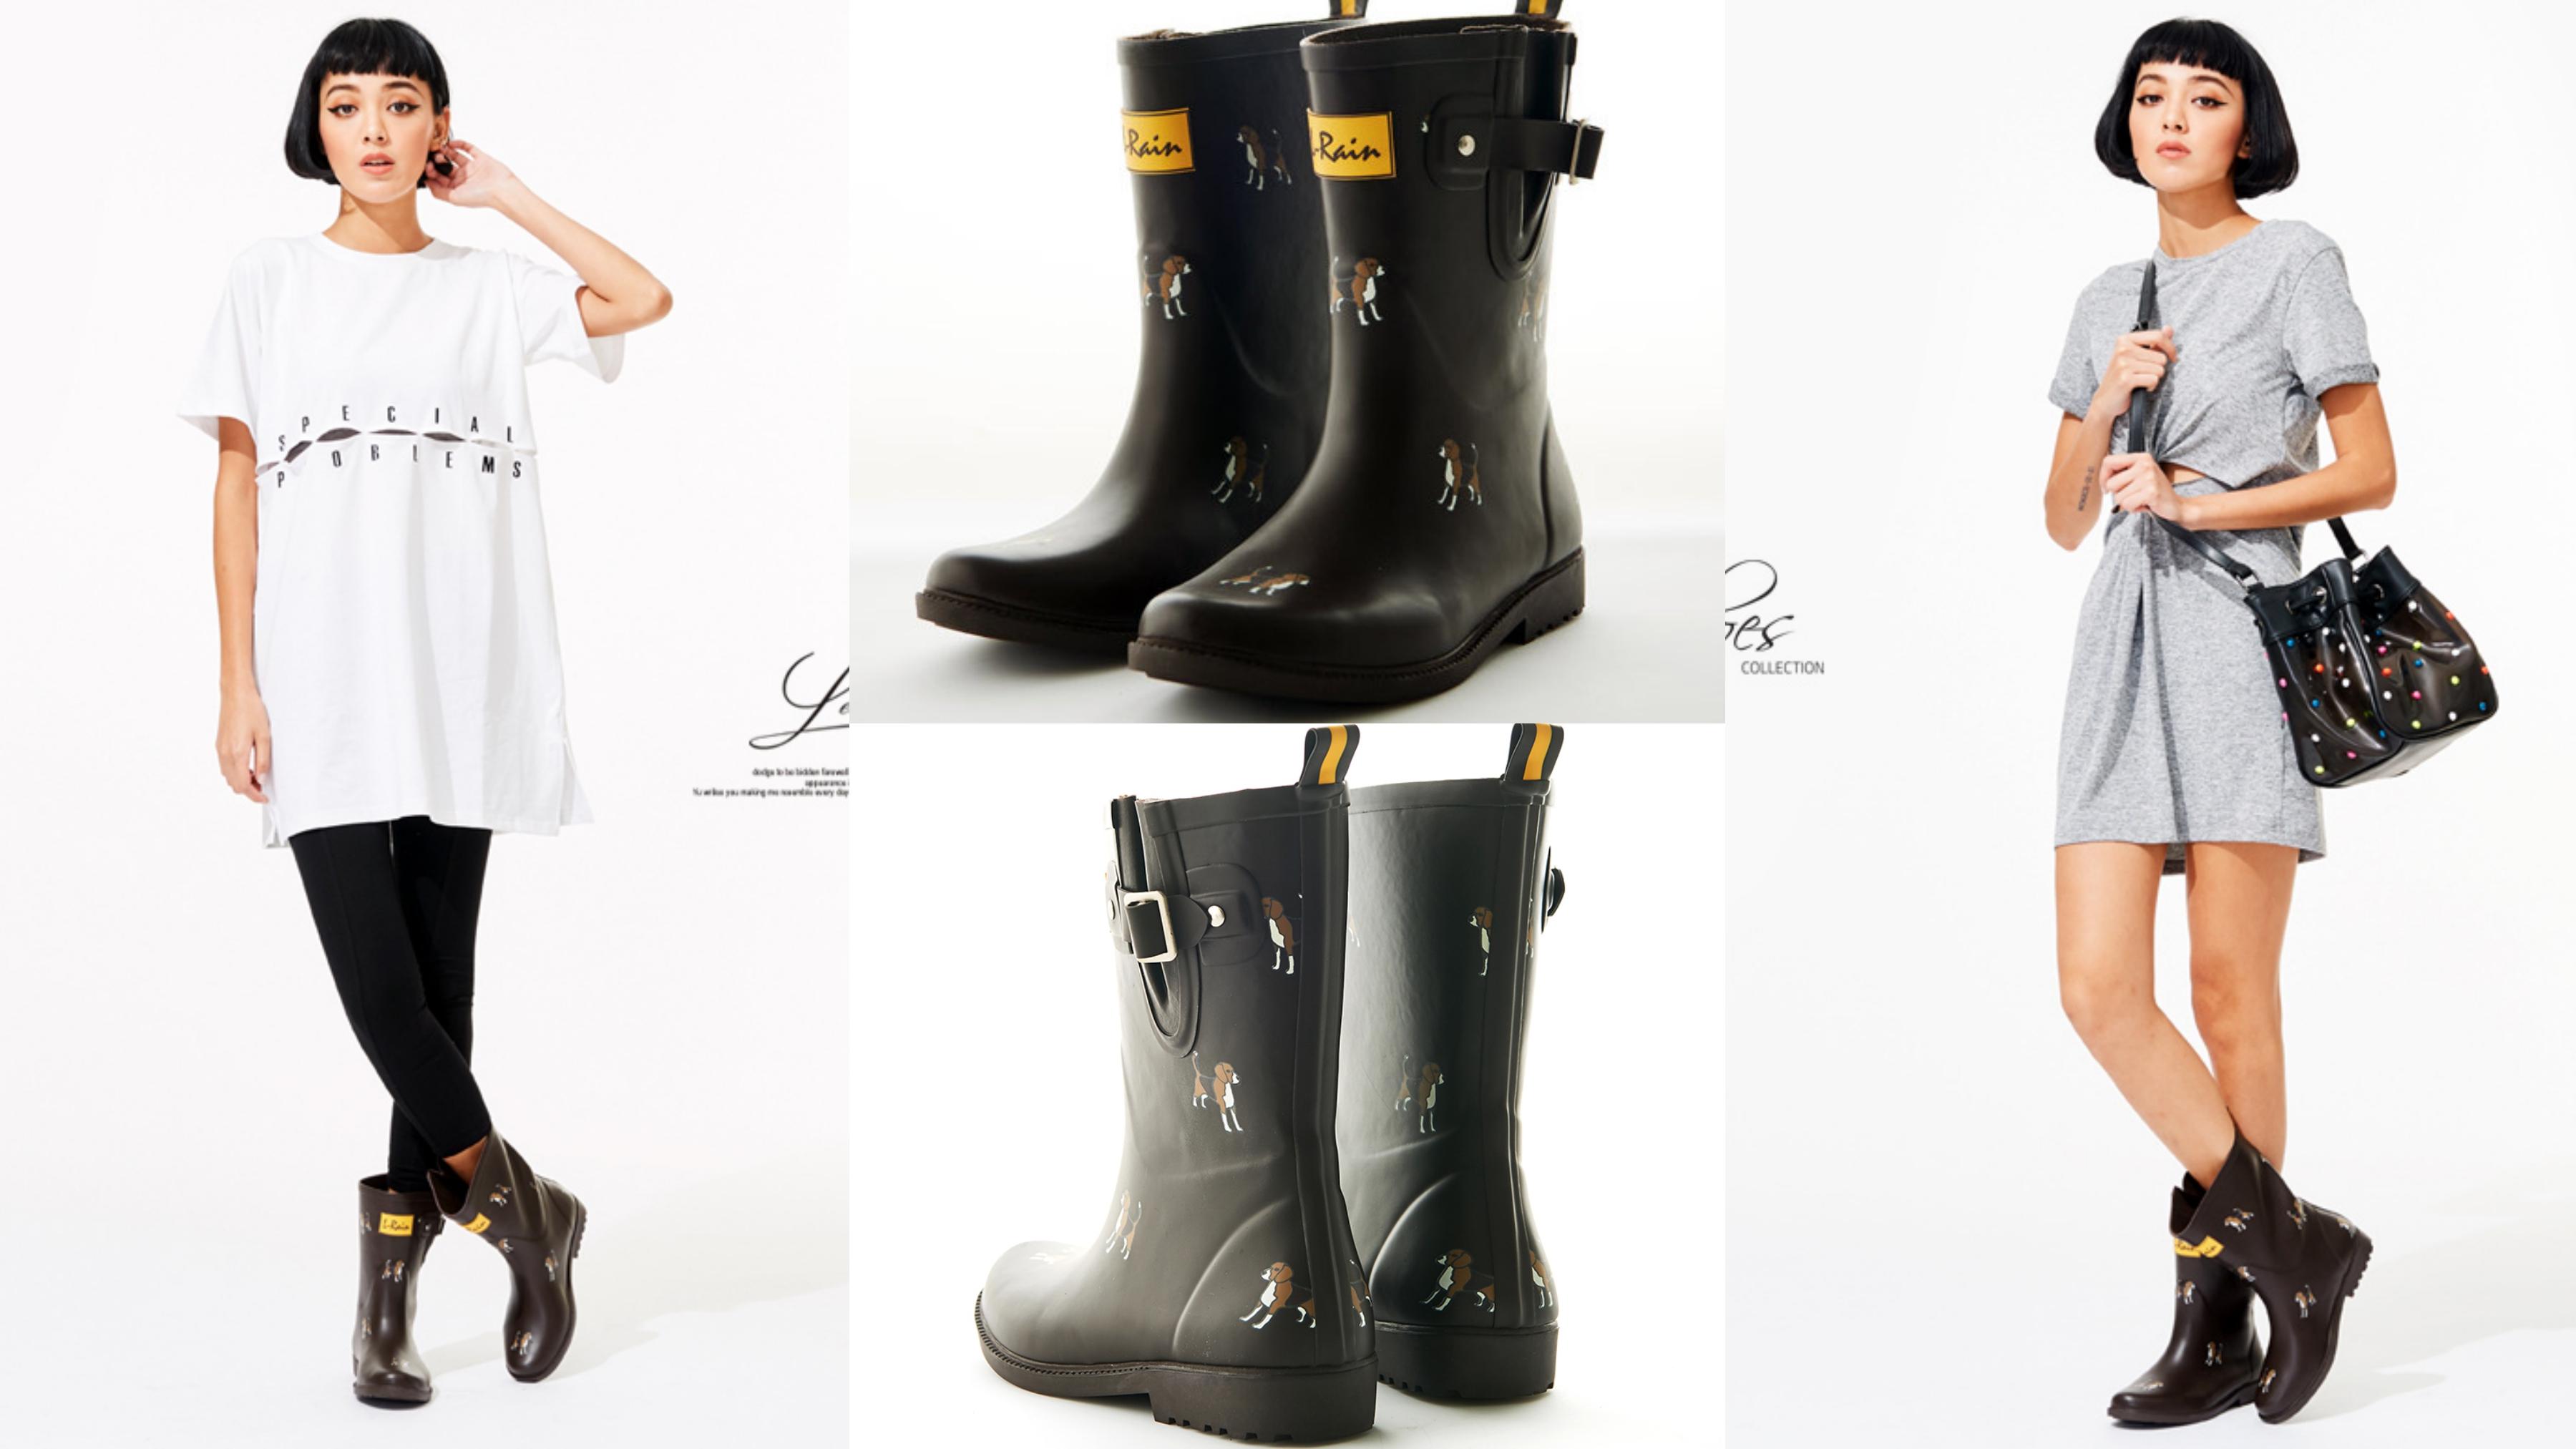 簡約的設計,加上柔軟舒適的材質,在雨天仍舊輕盈優雅